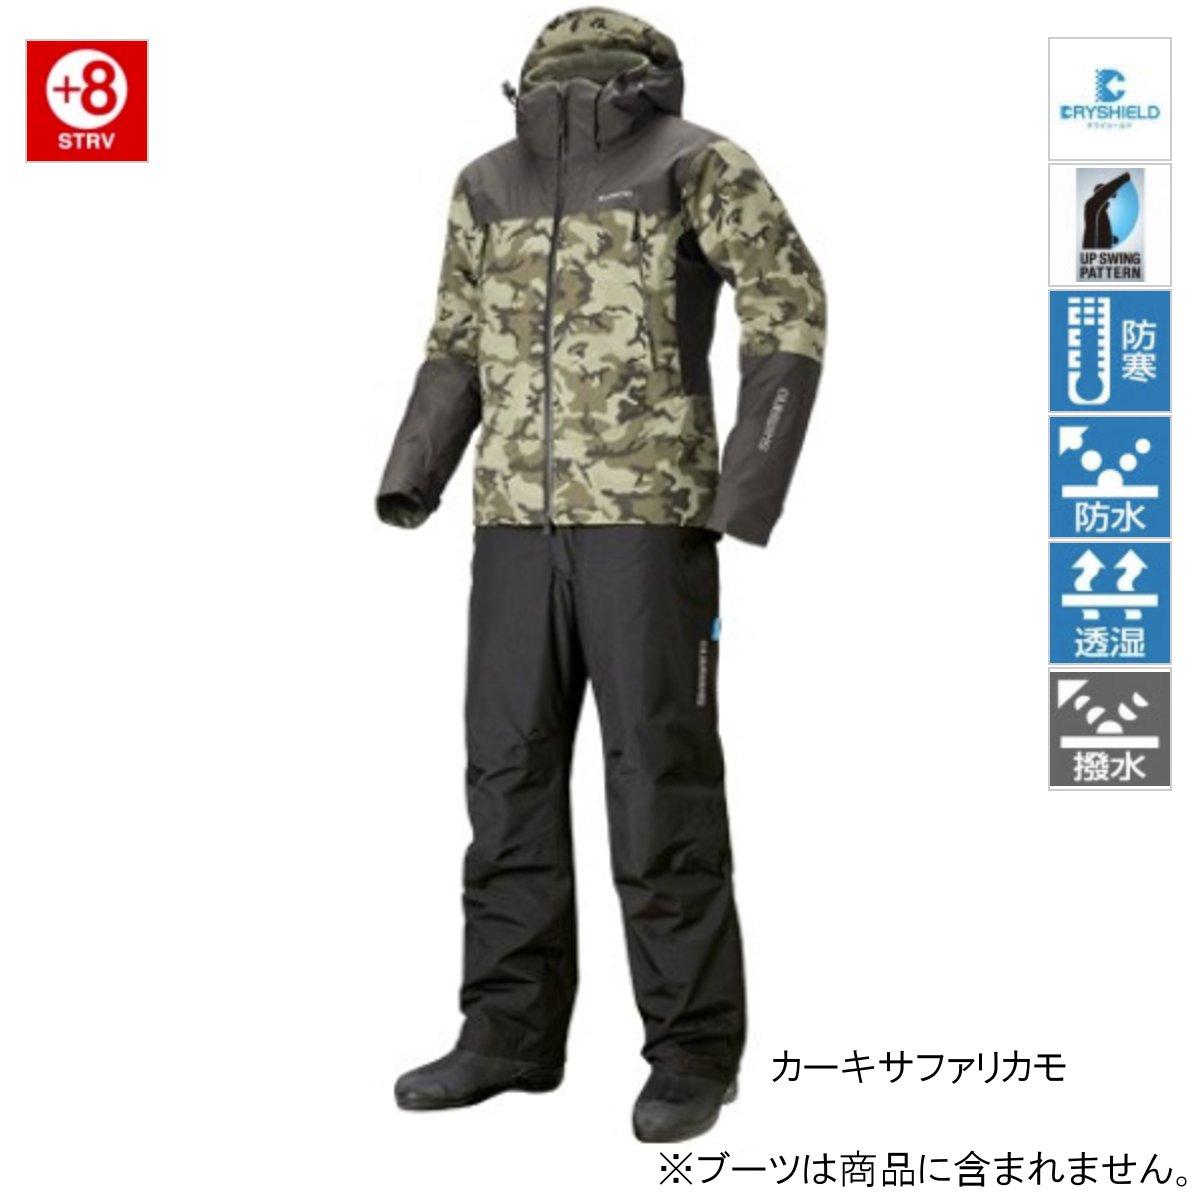 シマノ DSアドバンスウォームスーツ RB-025R L カーキサファリカモ(東日本店)